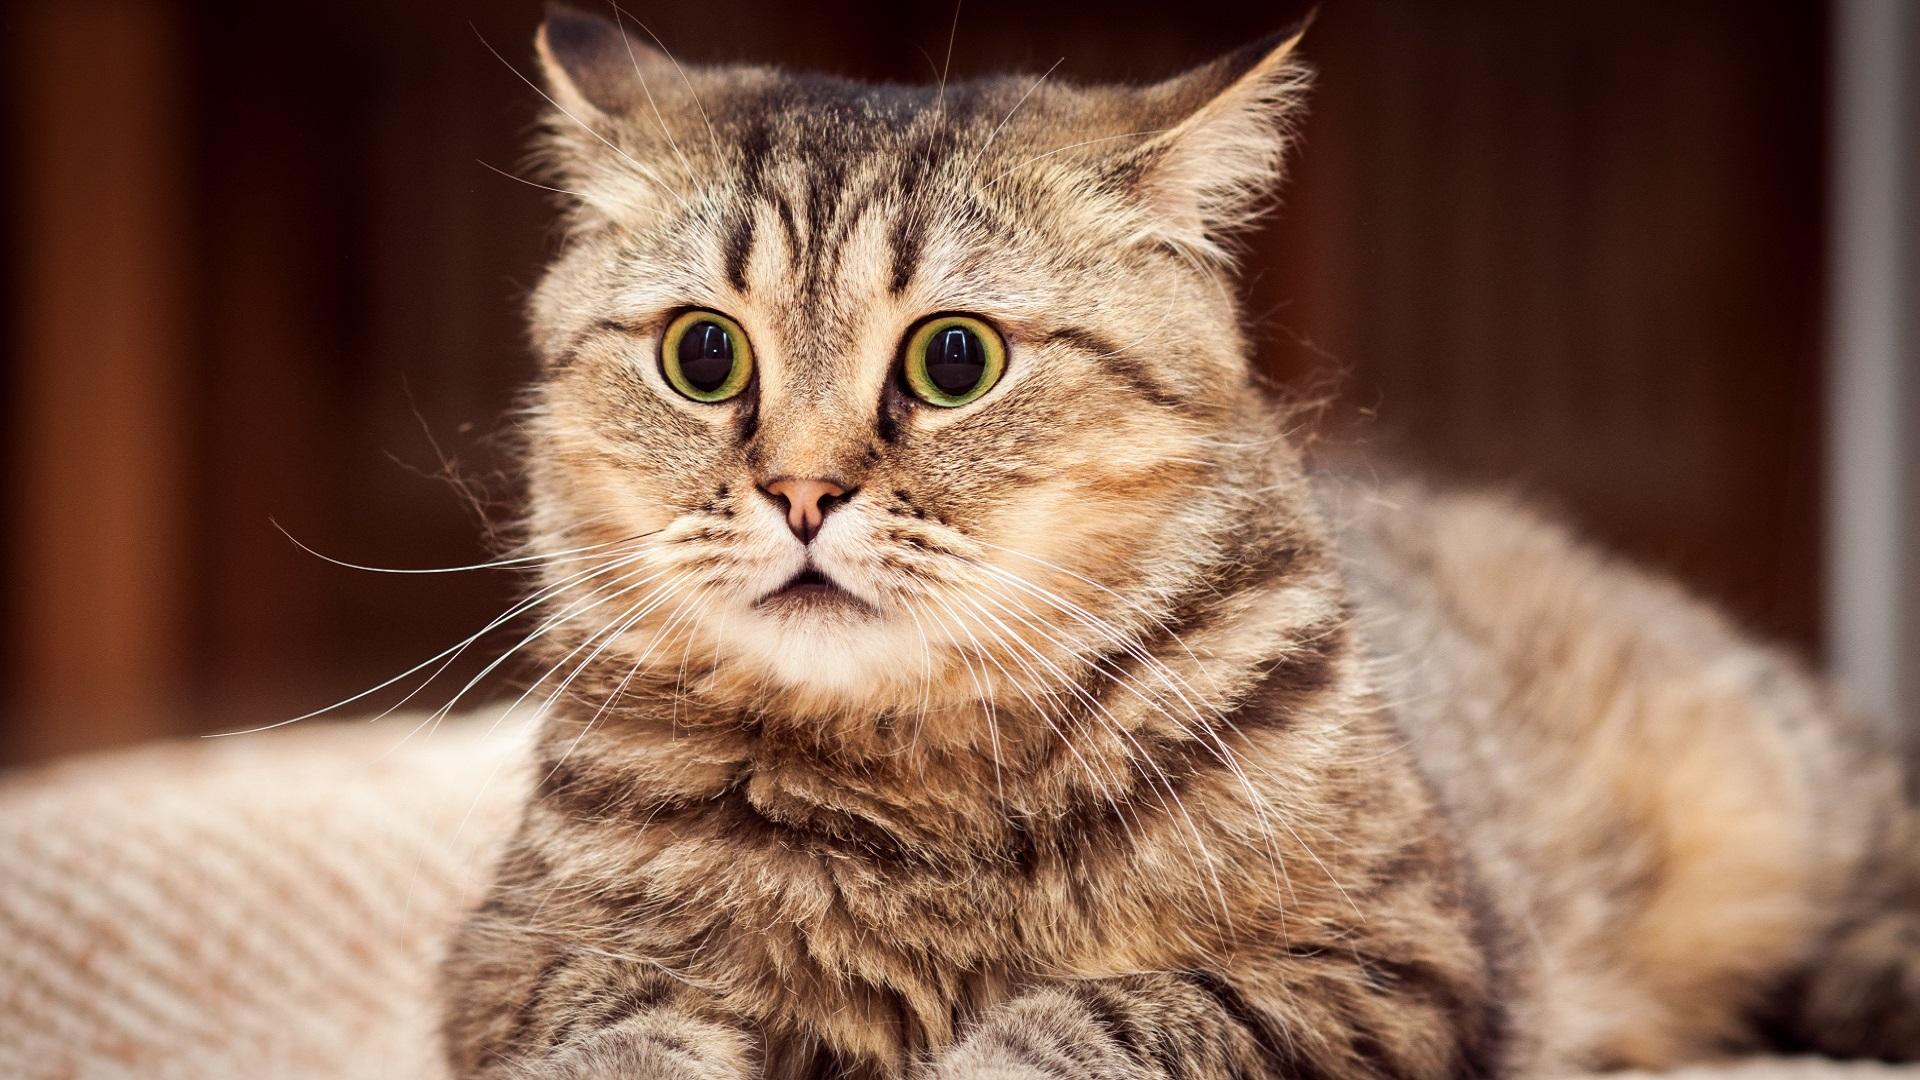 El miedo es un sentimiento natural en gatos